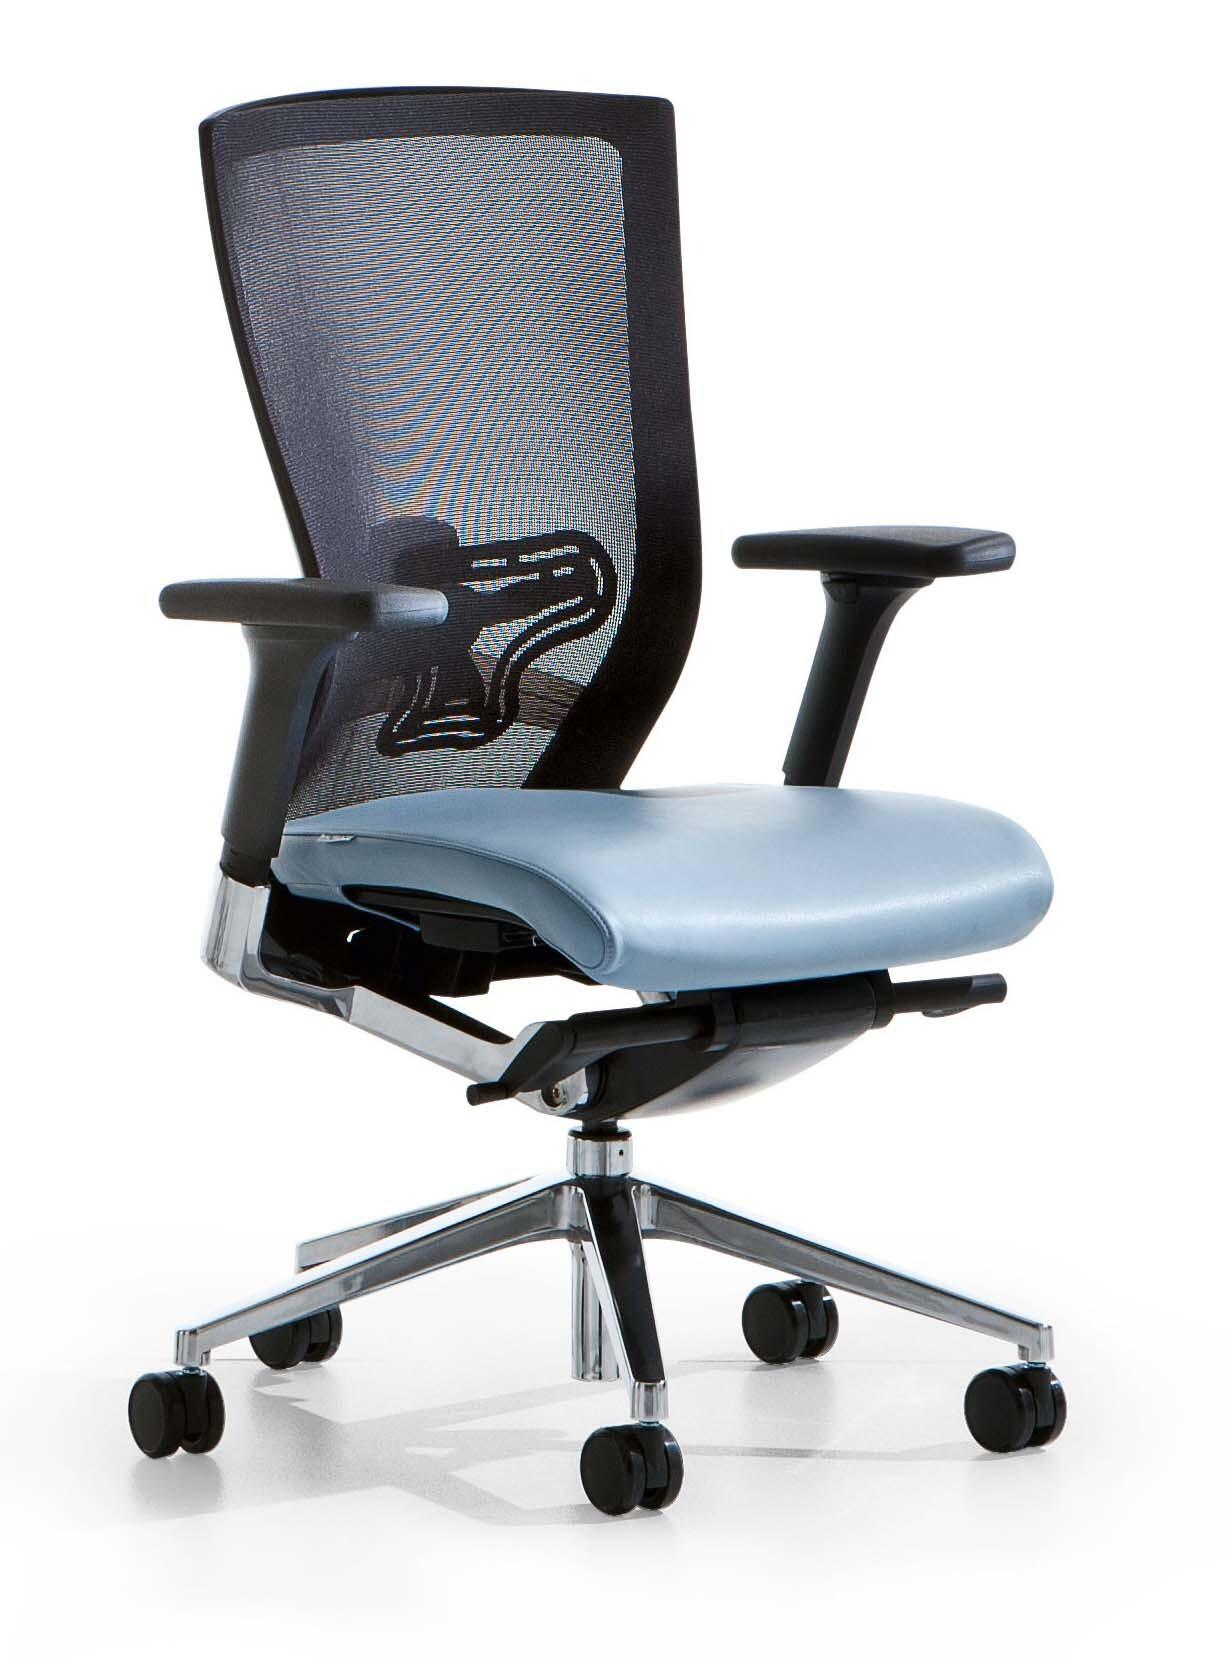 x-chair-1.jpg